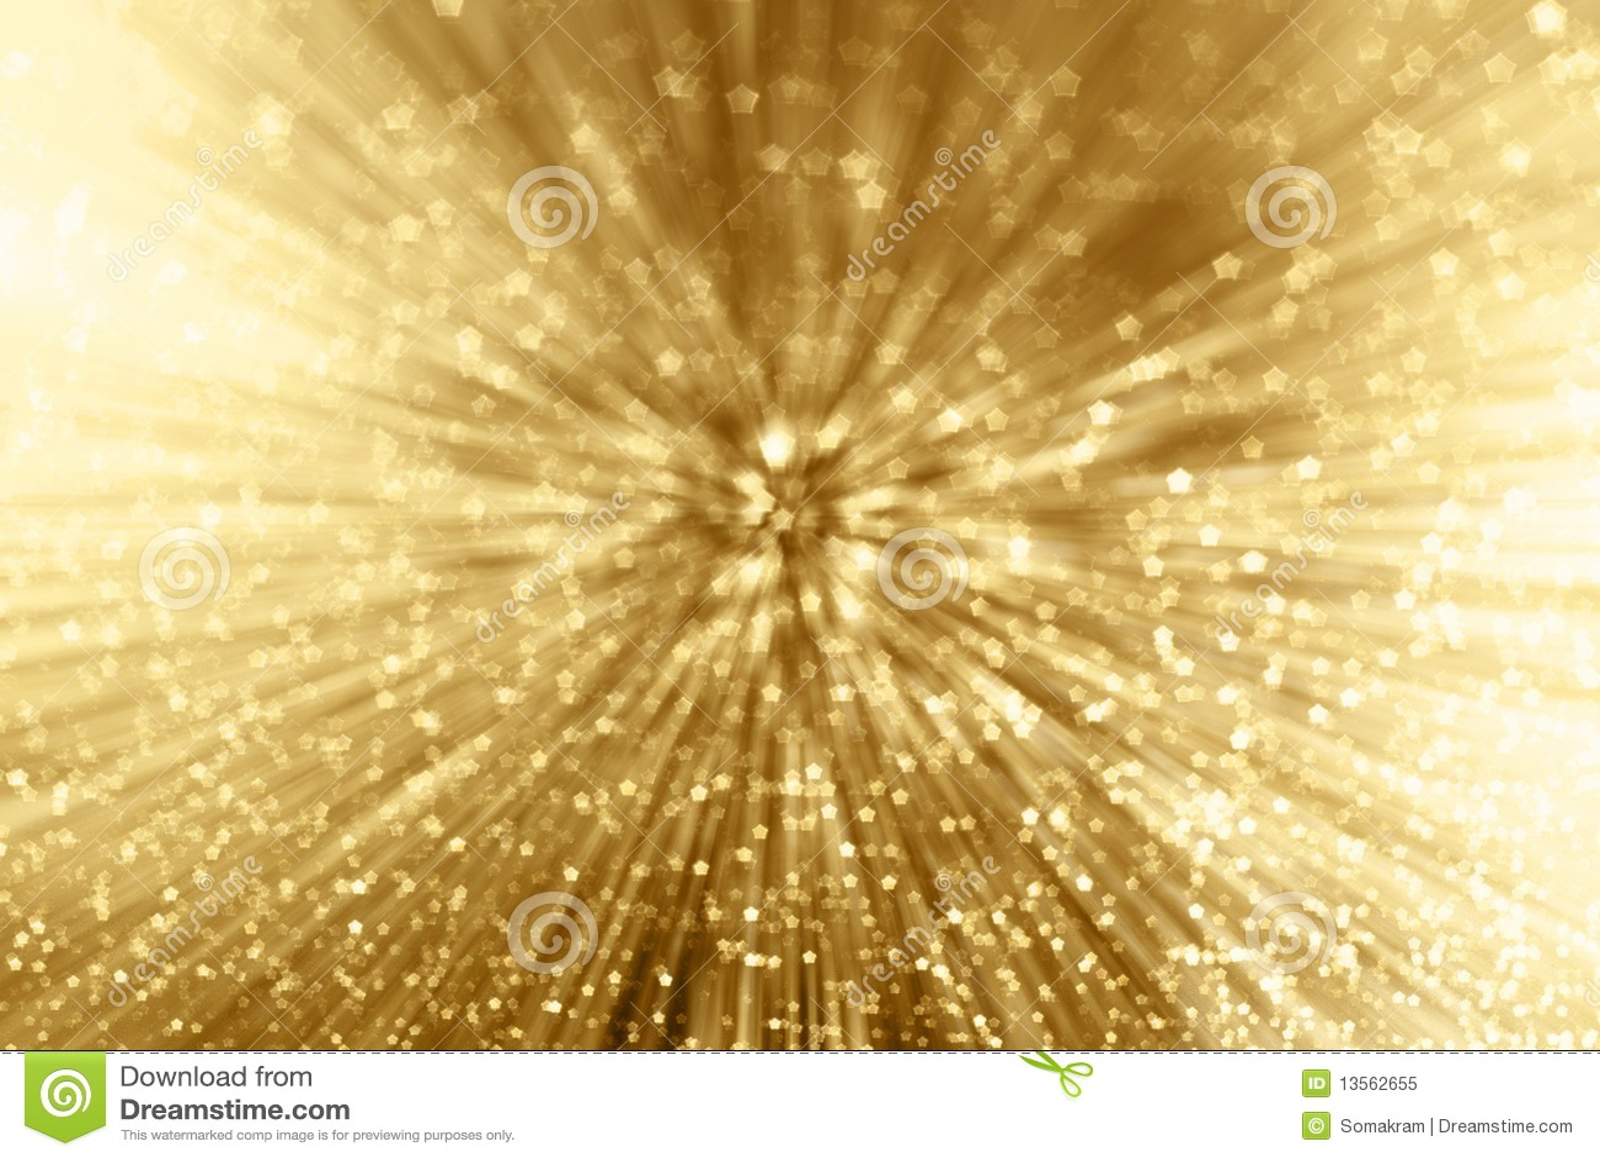 Zoom da faísca do ouro